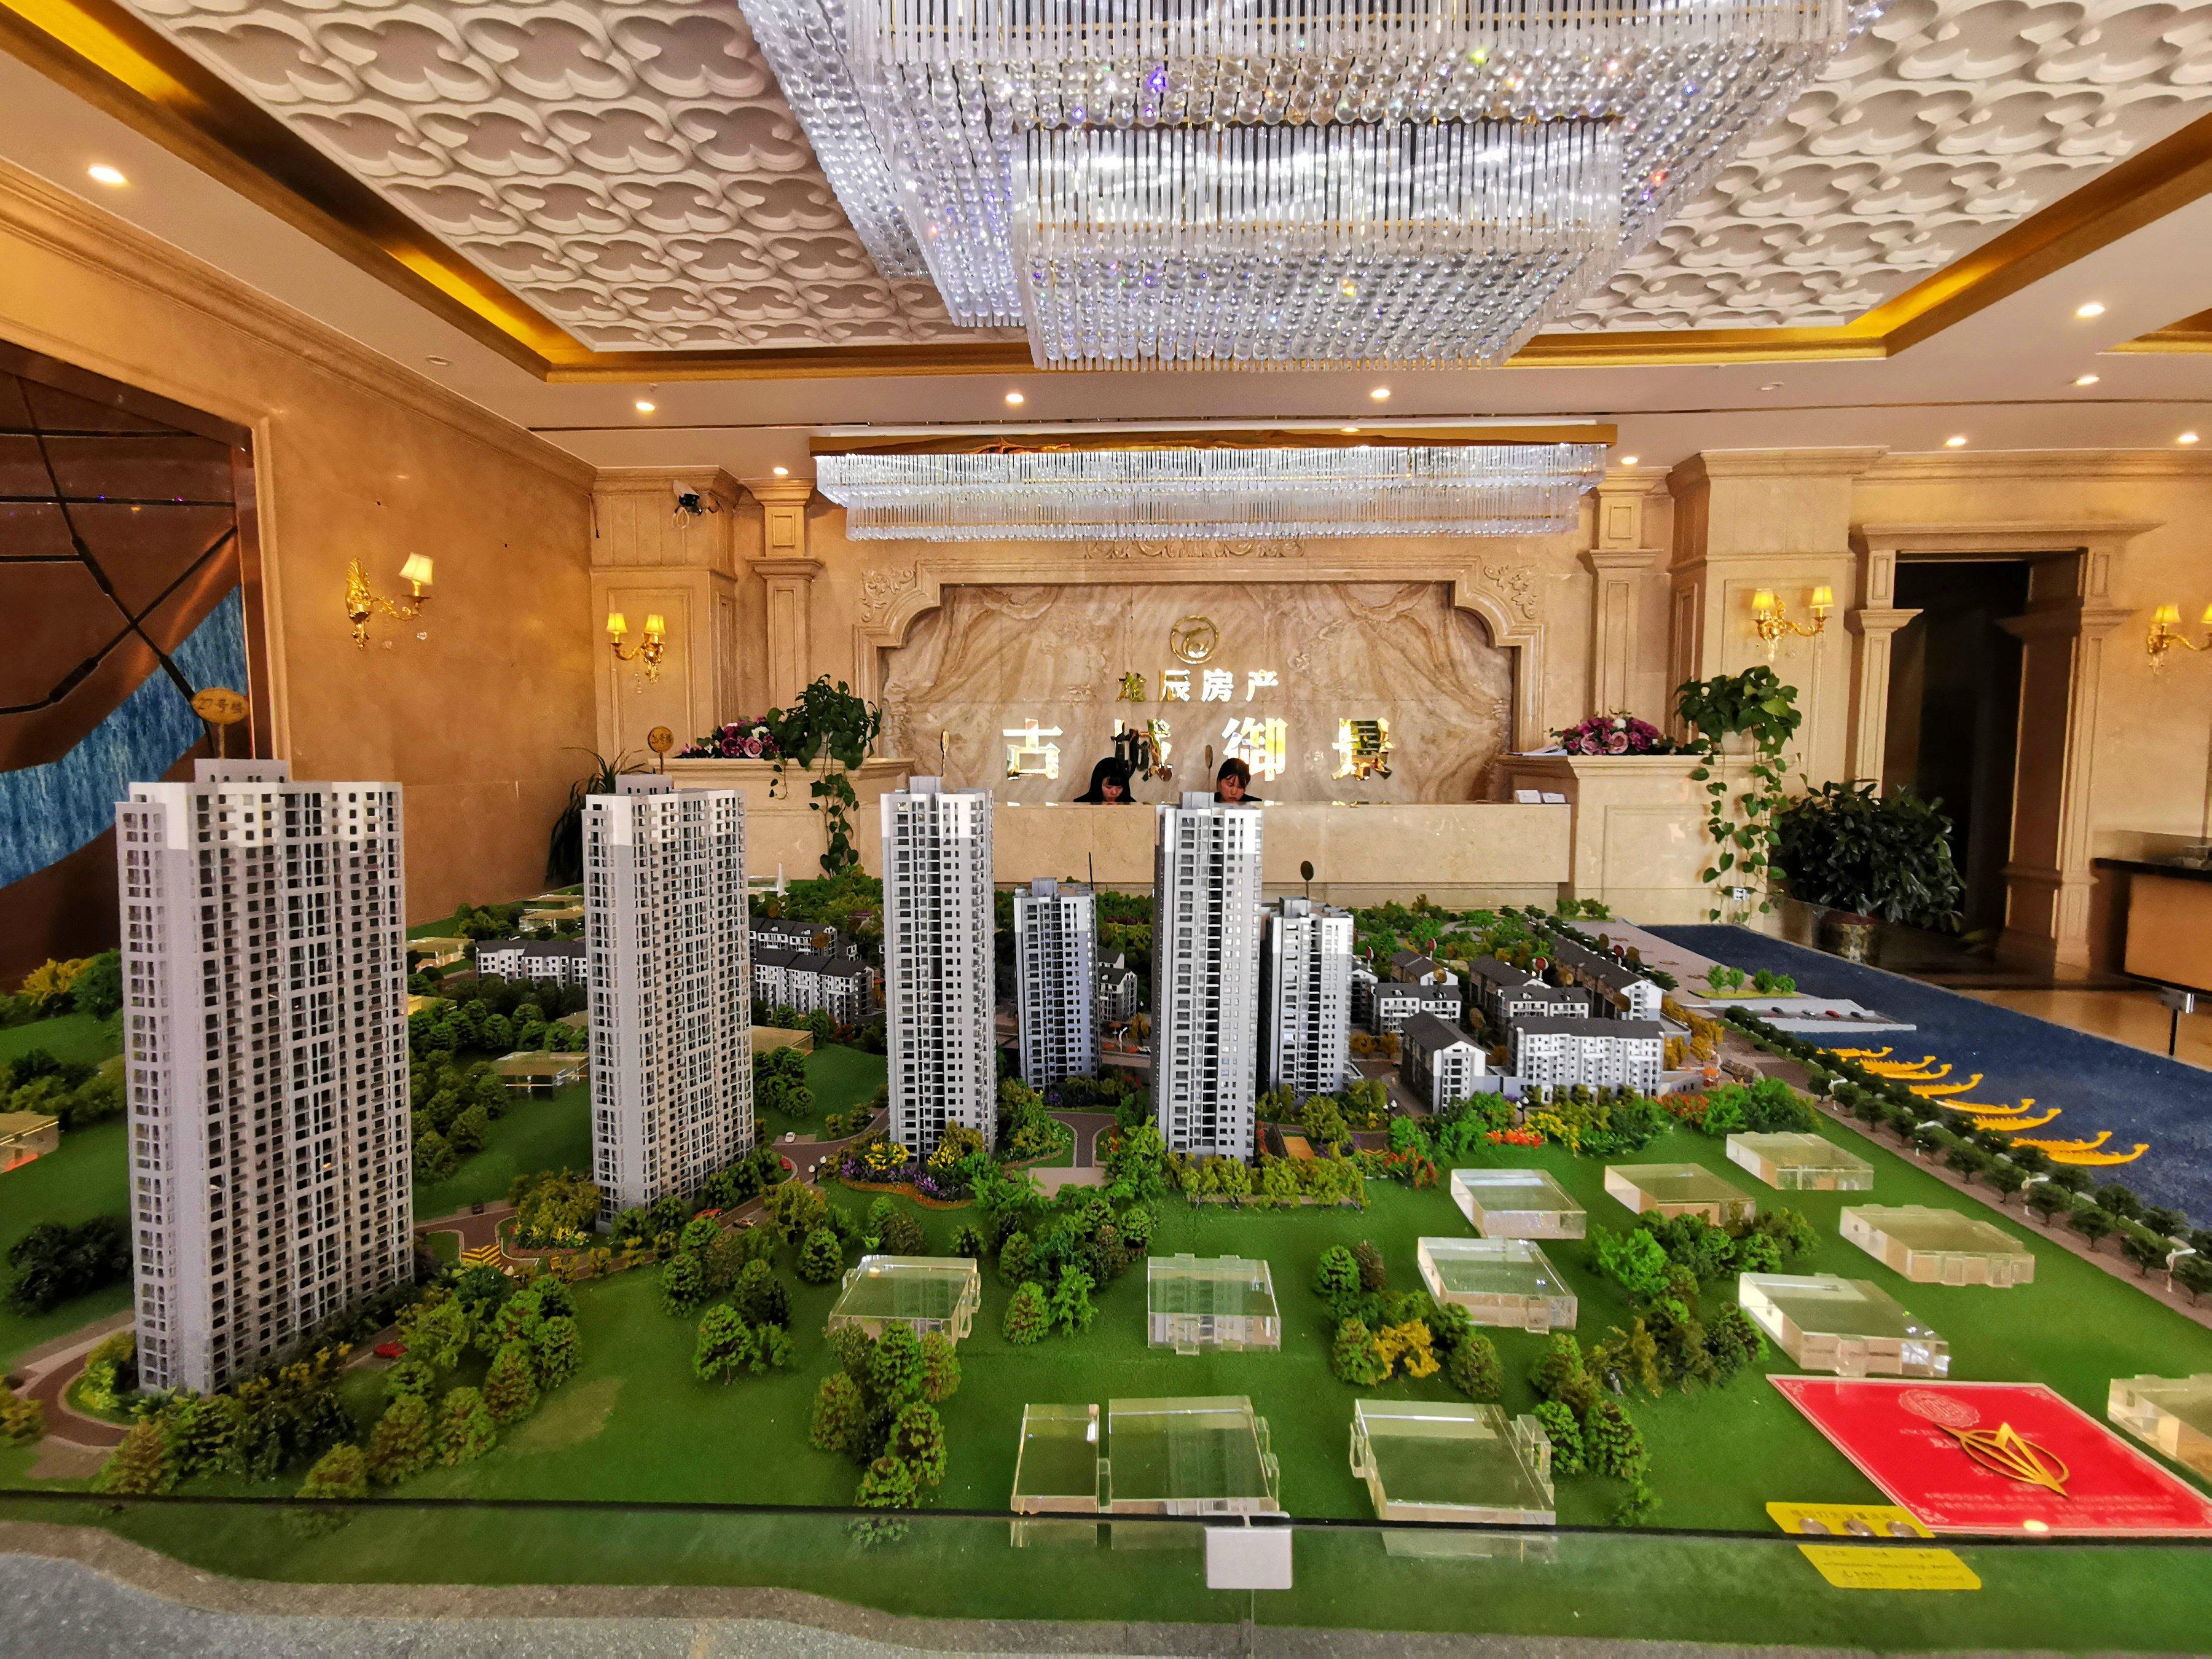 龙辰·古城御景2020年11月航拍